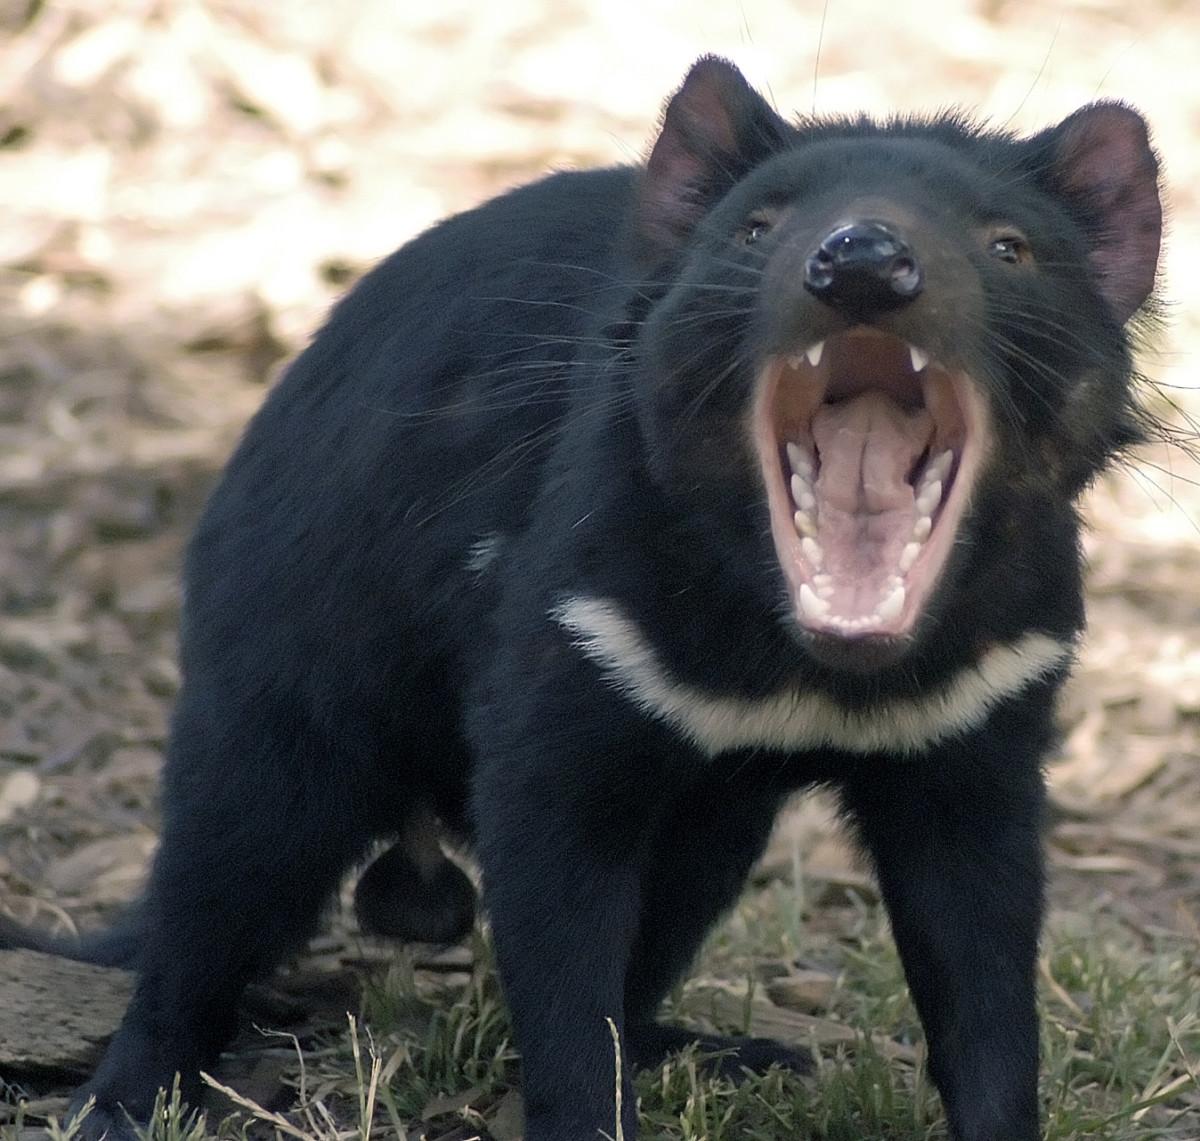 袋獾,亦被稱作塔斯曼尼亞惡魔。 圖片來源:wikicommons